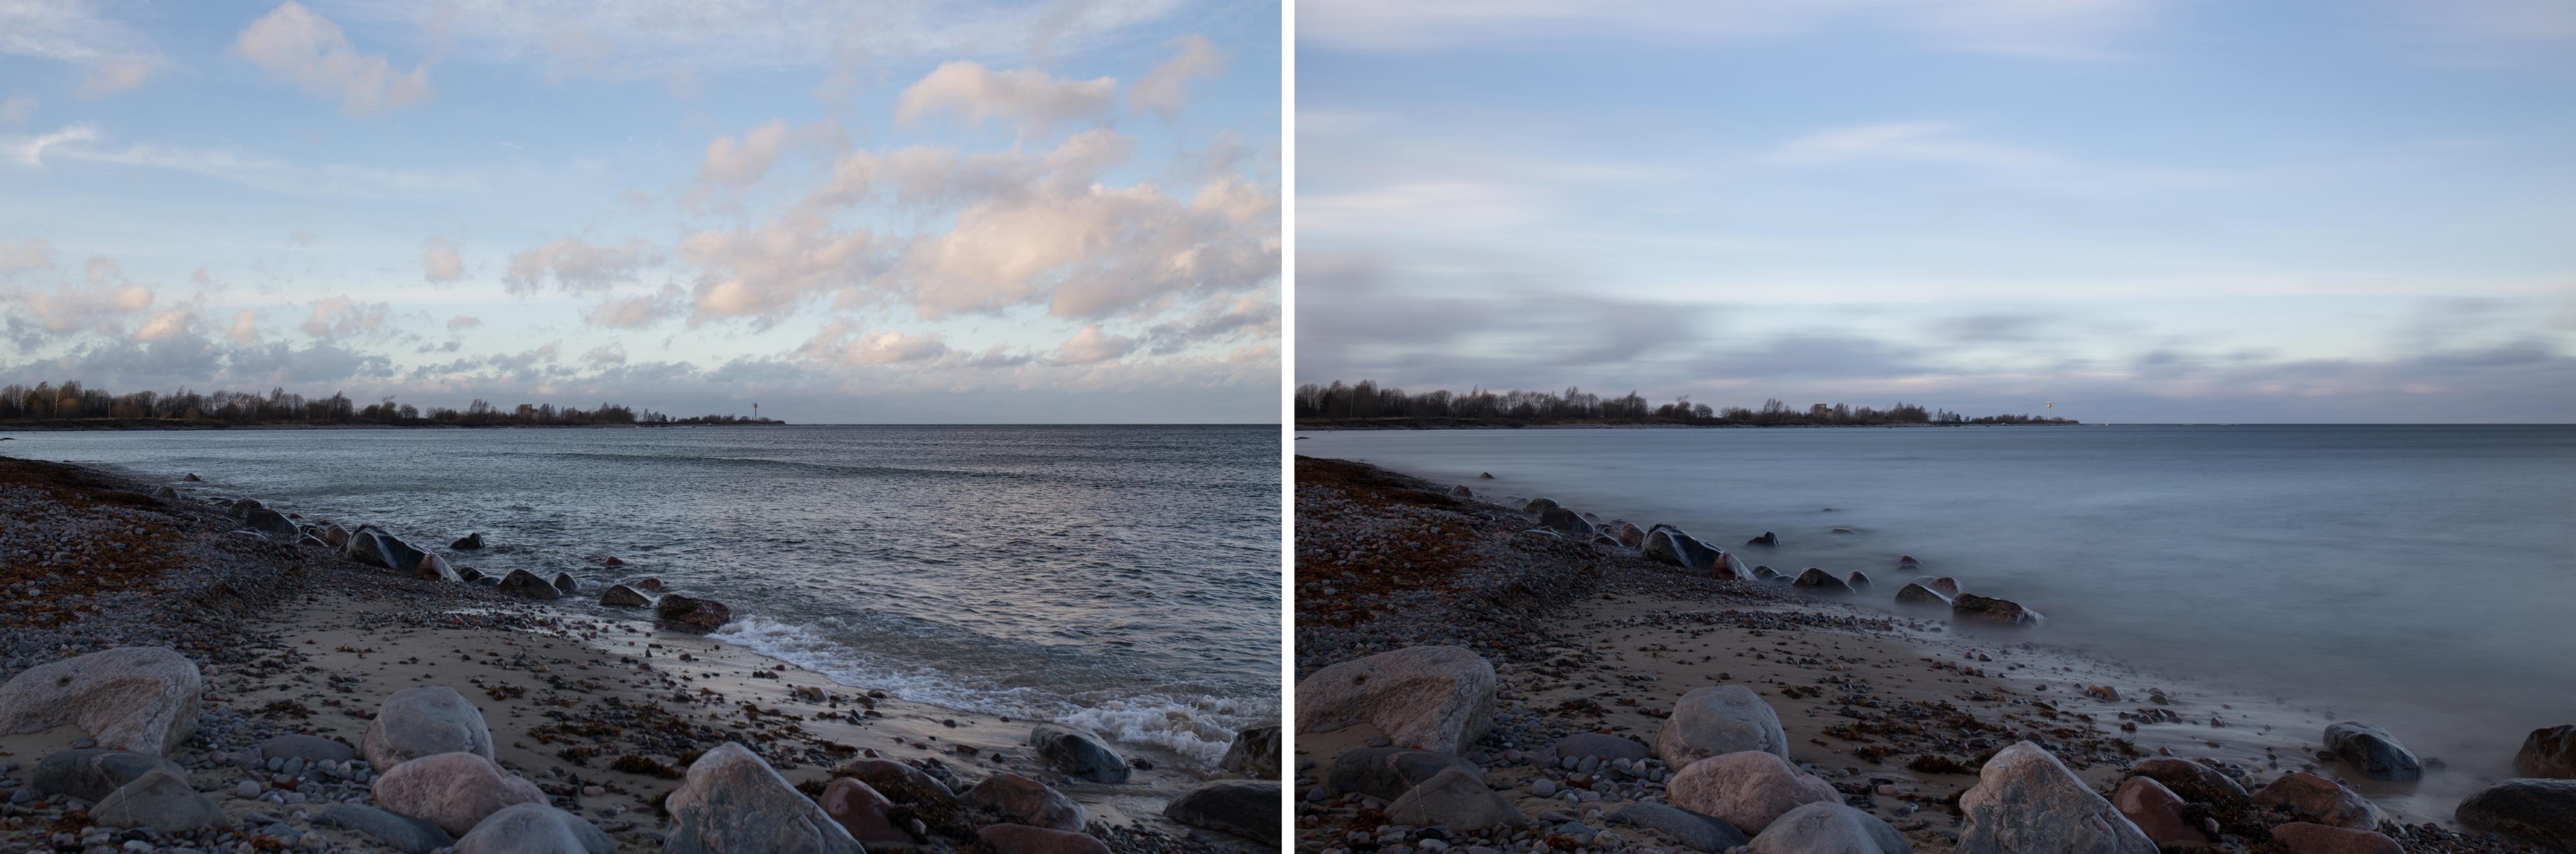 vasakpoole pilt ilma filtrita Säriaeg 1/100 sek, ava F/5, ISO 100. Parempoolne pilt ND1000 filtriga Säriaeg 20 sek, ava F/9, ISO 100